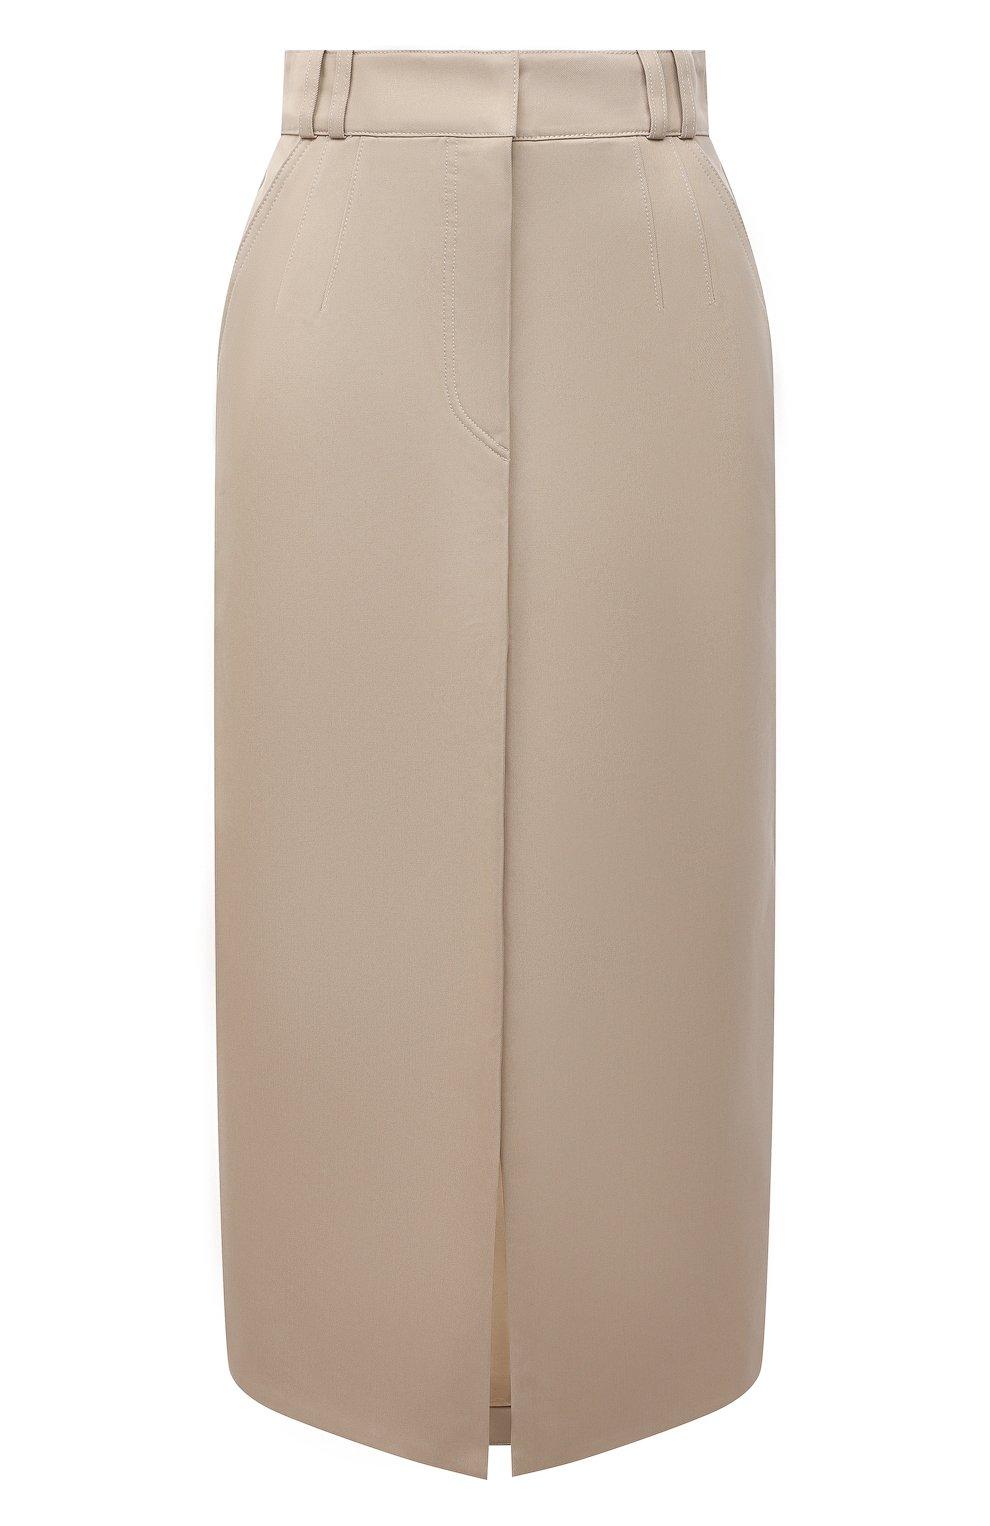 Женская хлопковая юбка PACO RABANNE бежевого цвета, арт. 21ECJU204C00229   Фото 1 (Женское Кросс-КТ: Юбка-одежда; Материал внешний: Хлопок; Длина Ж (юбки, платья, шорты): Миди; Материал подклада: Хлопок; Стили: Кэжуэл)